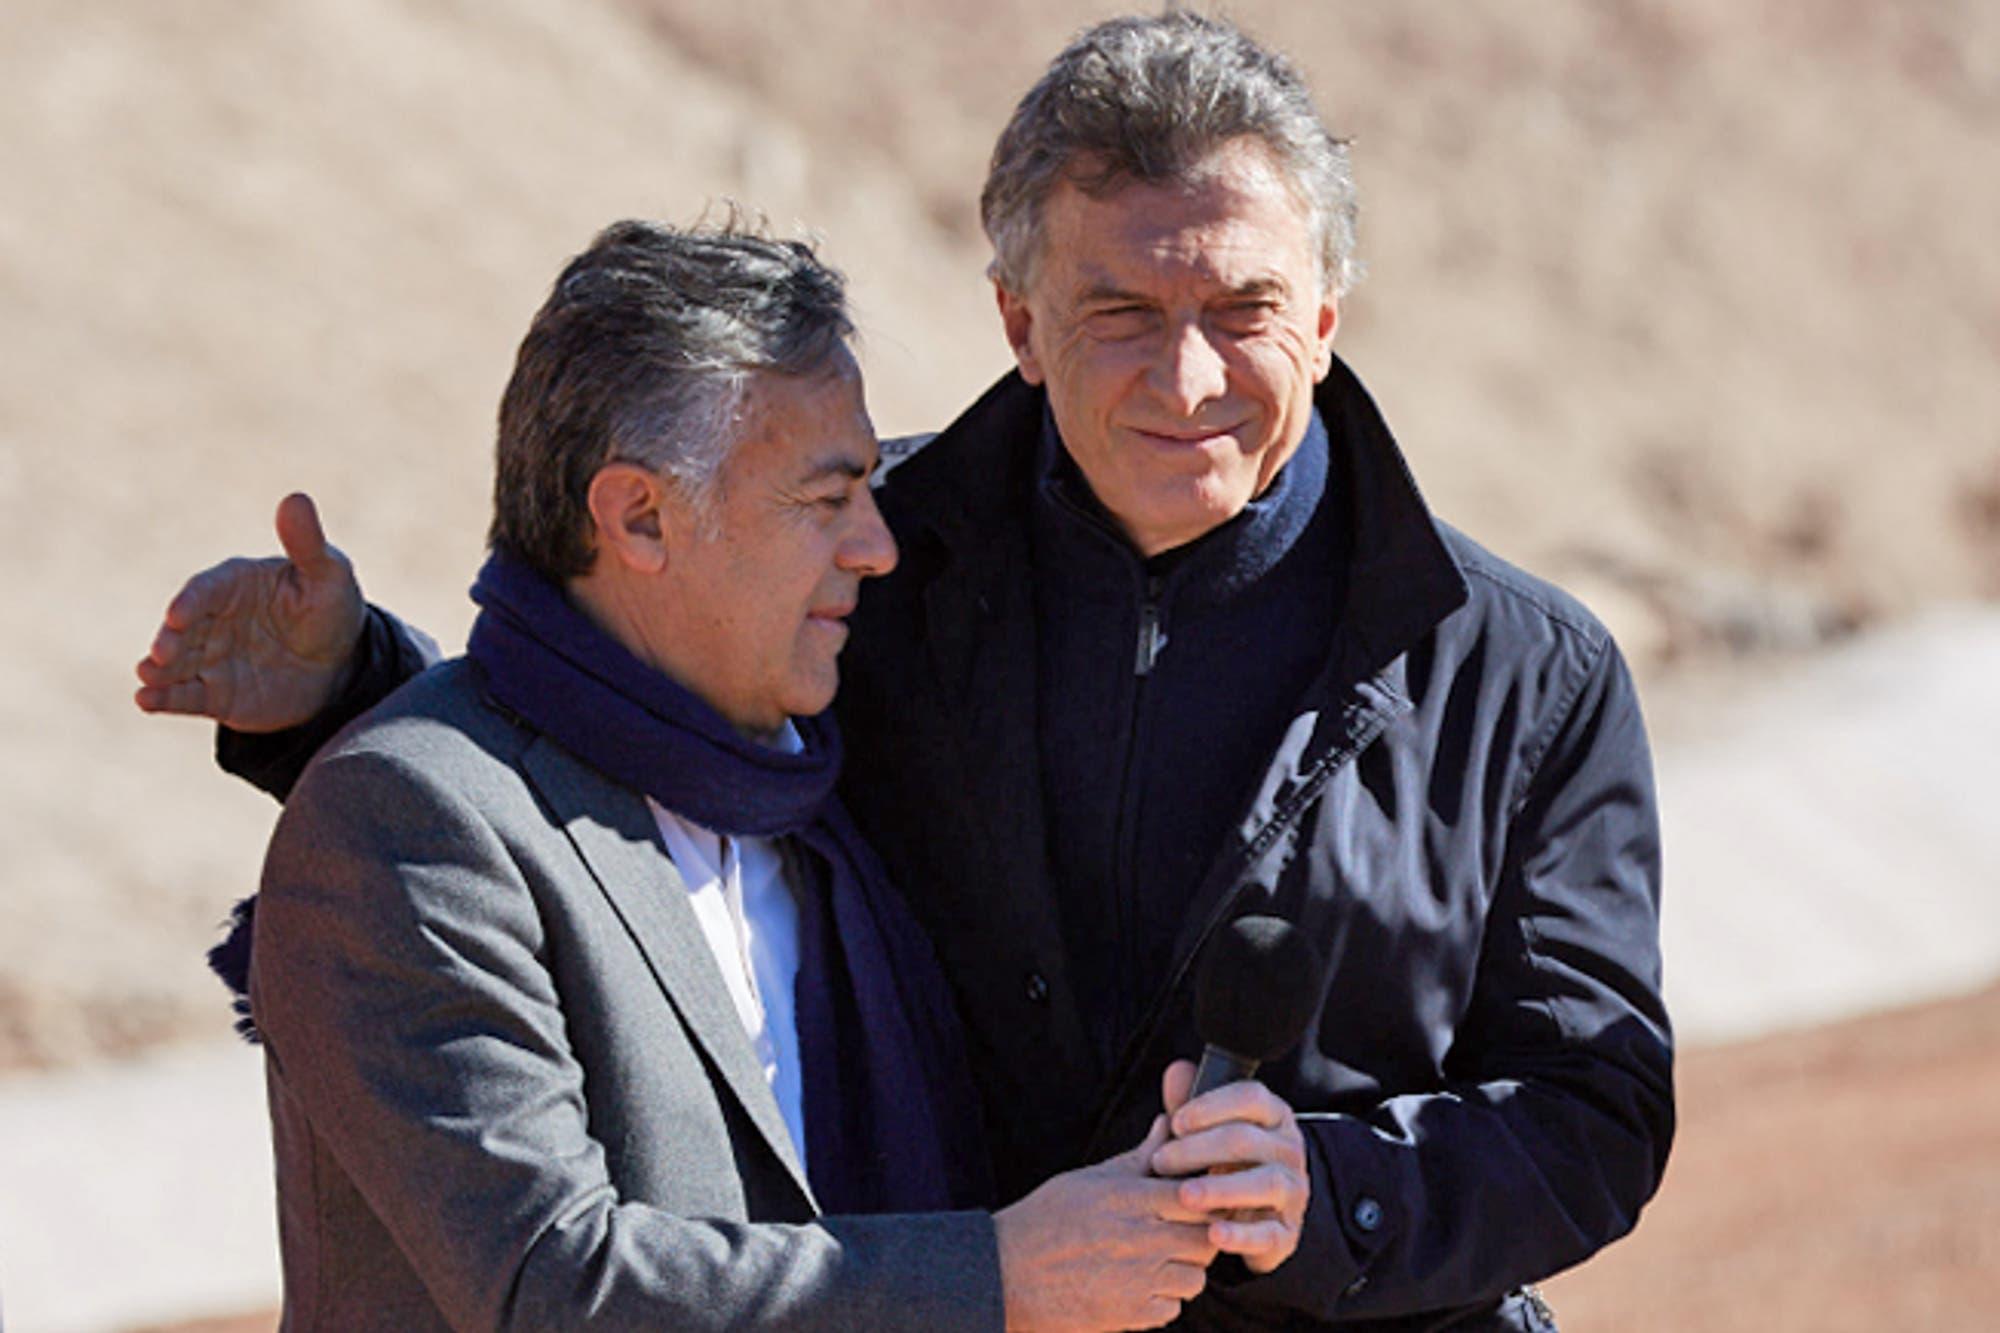 Después del exabrupto, Cornejo visitó a Peña para organizar la marcha del #Sísepuede